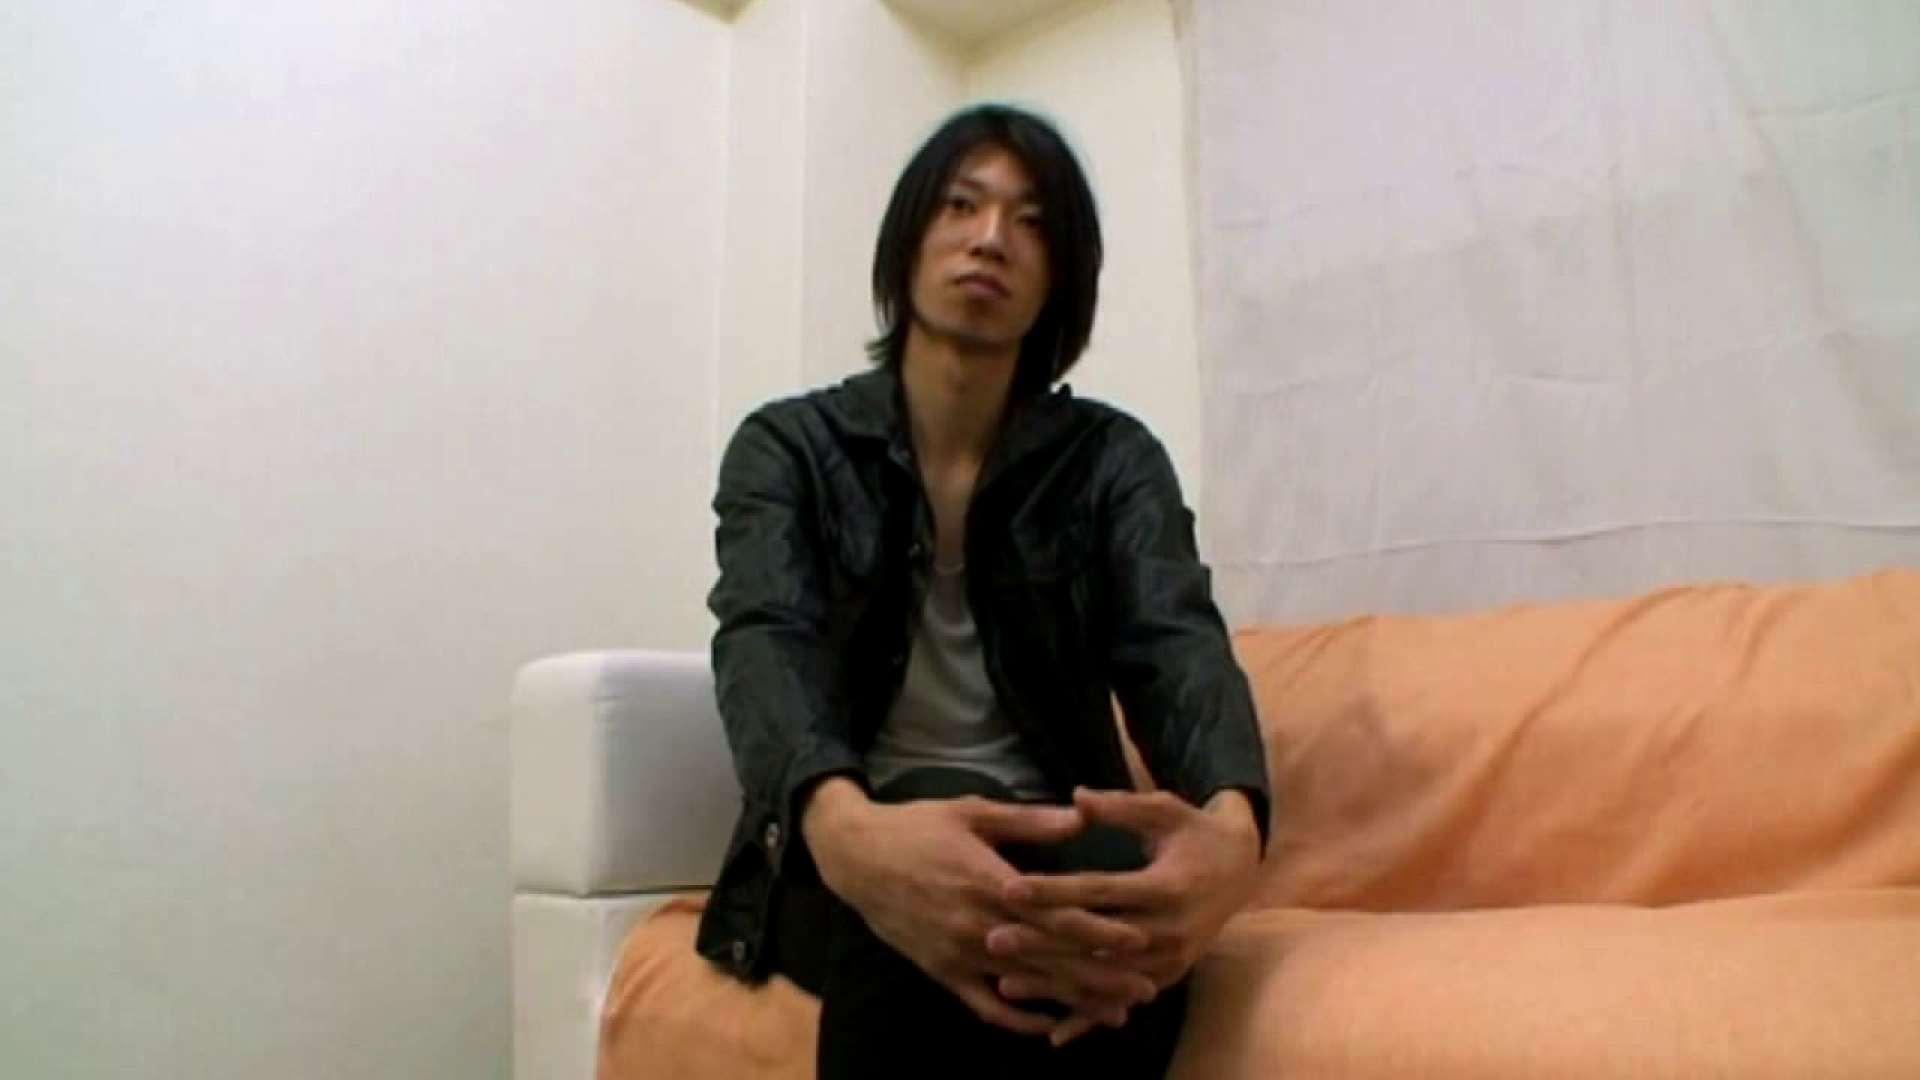 ノンケ!自慰スタジオ No.36 自慰シーン ゲイアダルト画像 104枚 32